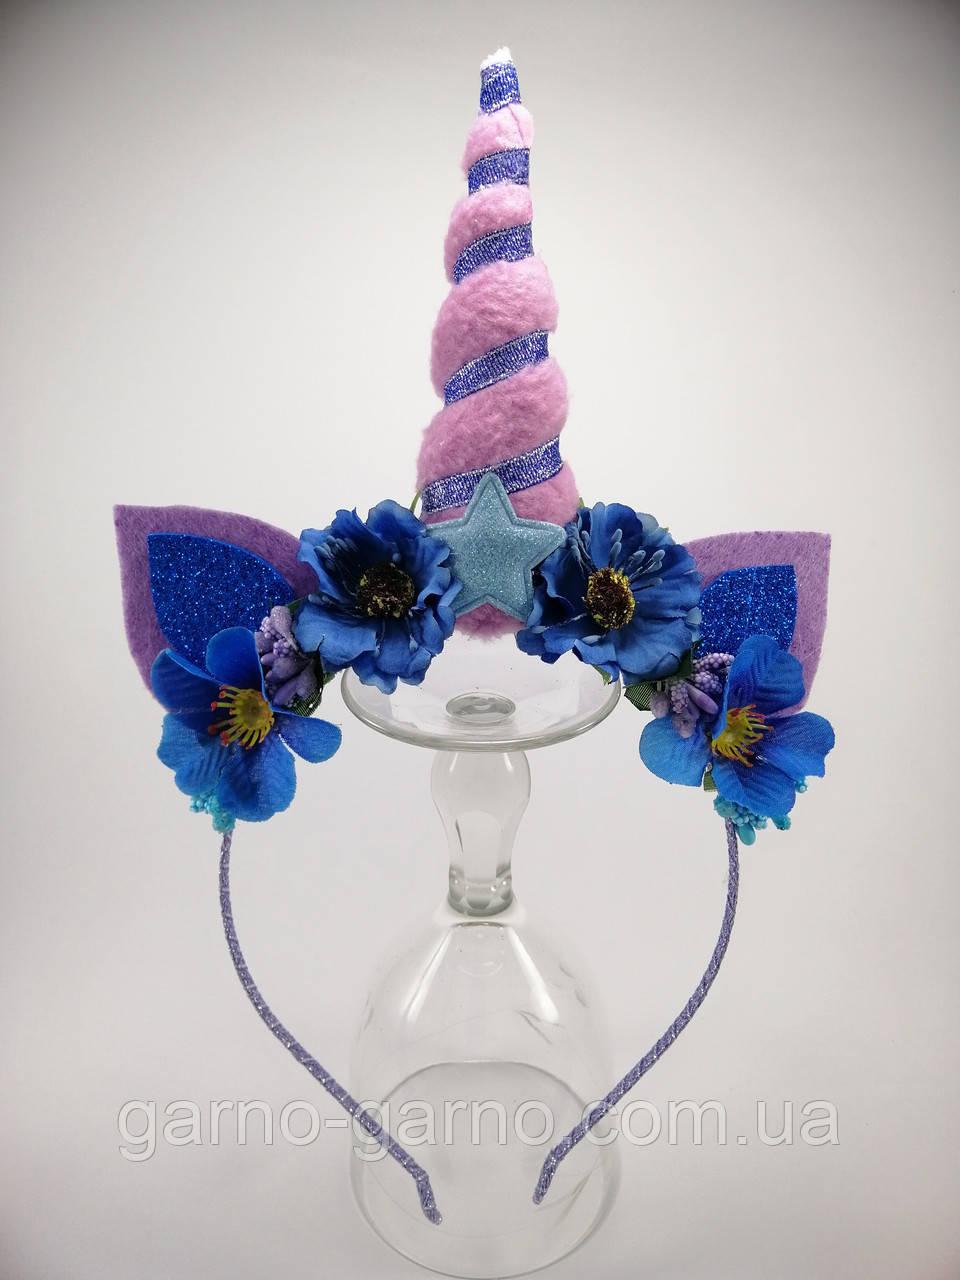 Обруч Єдиноріг Прикраса для волосся рожевий синій